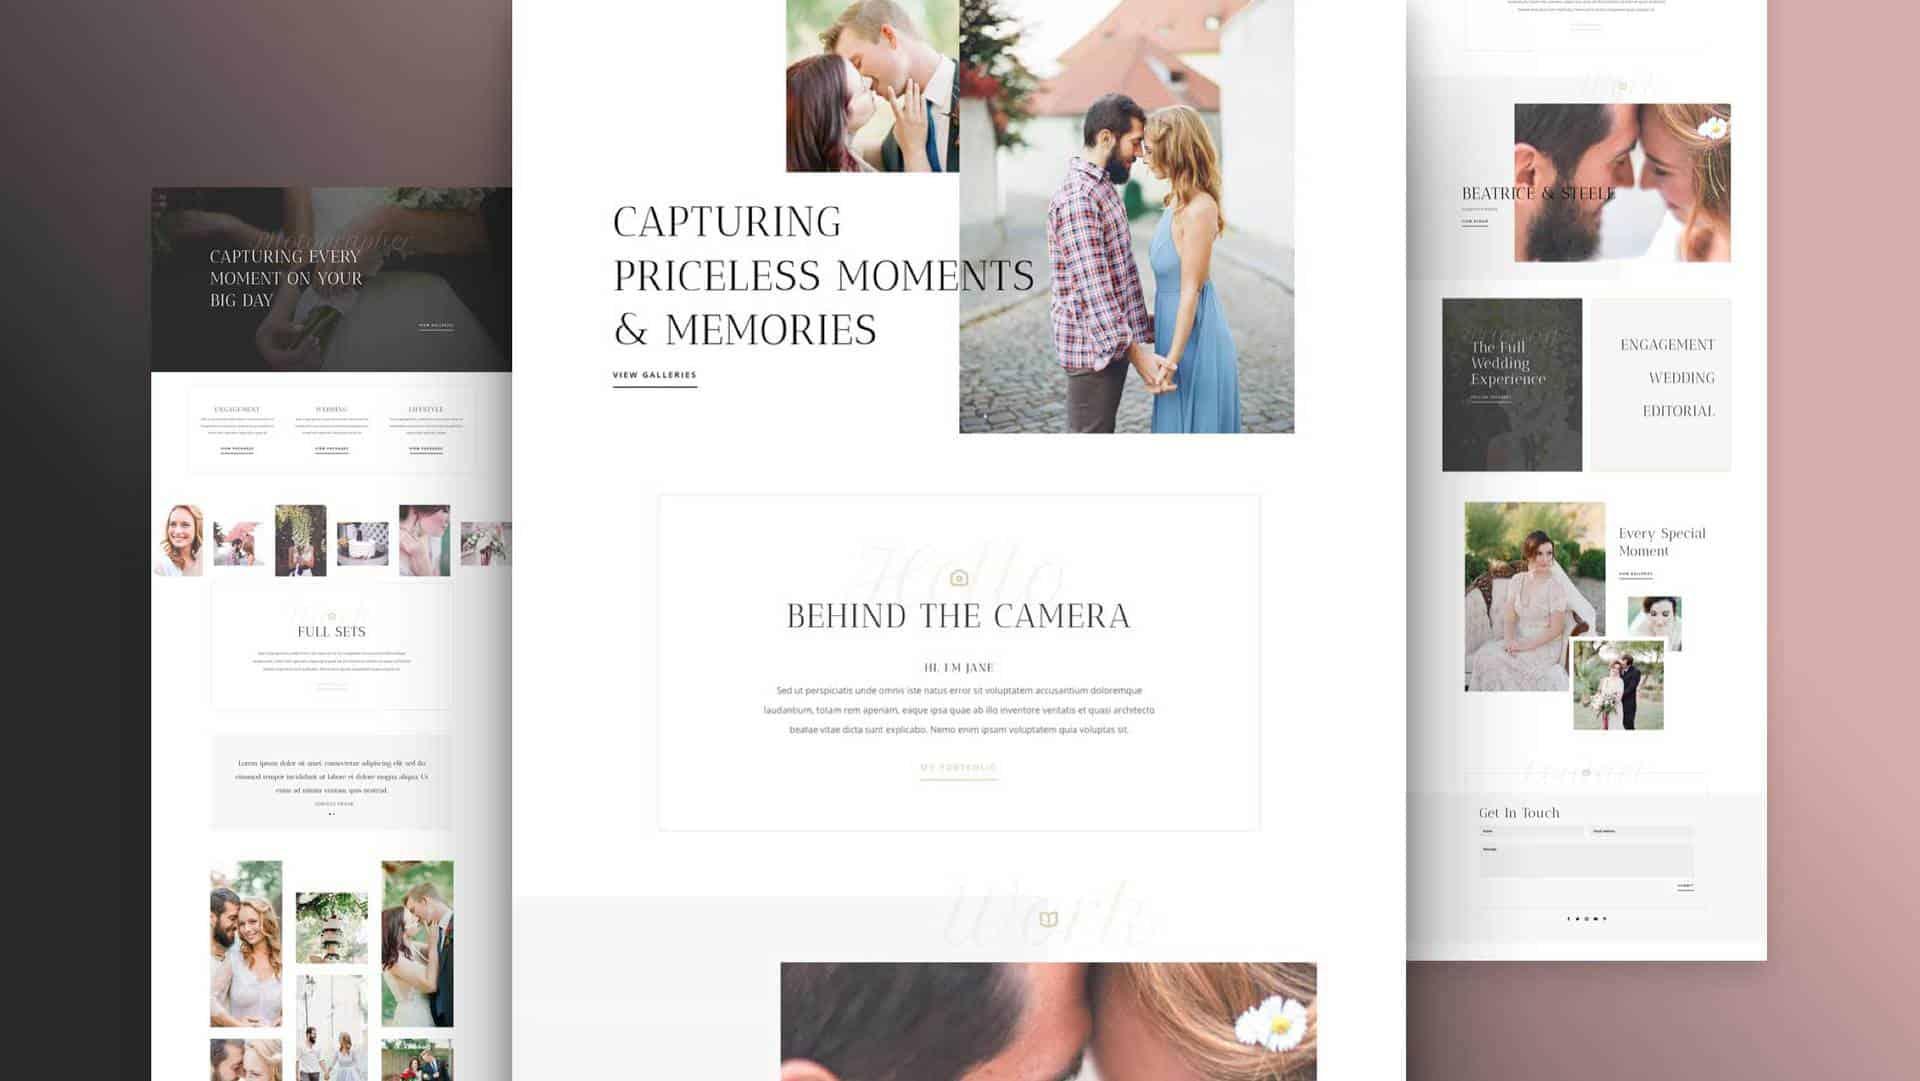 Wedding Photographer Layout